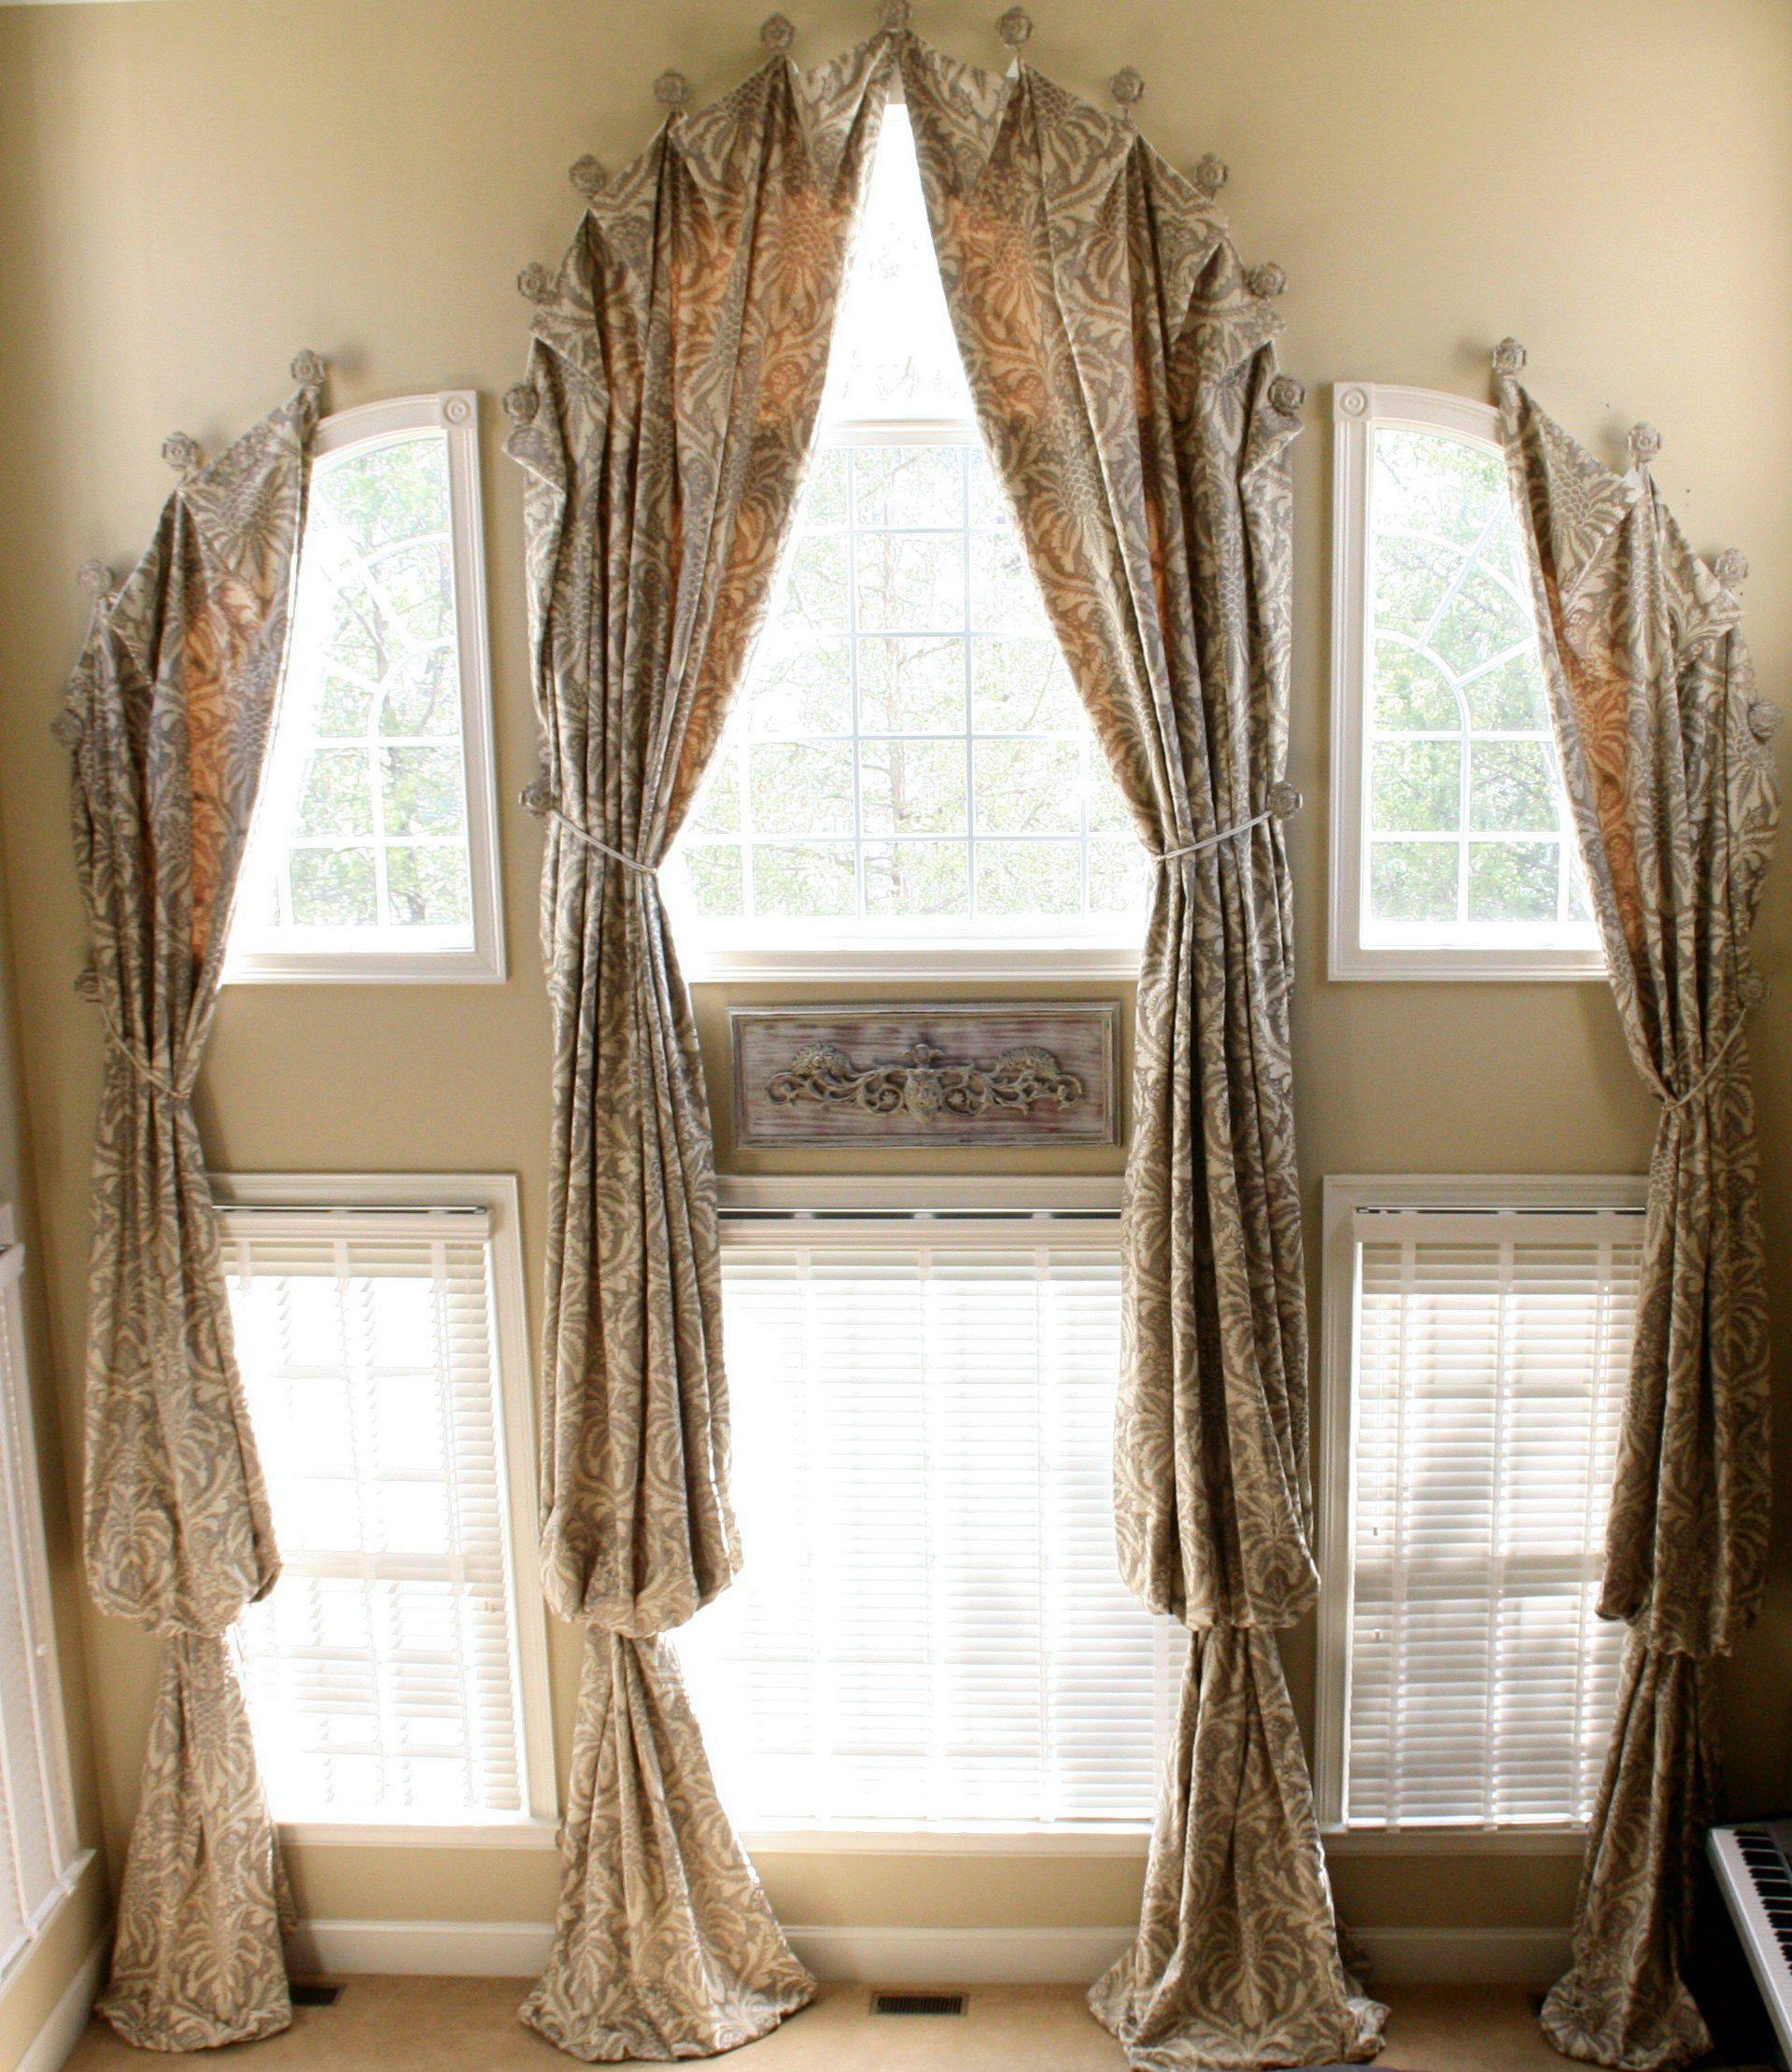 Window Drapery Styles